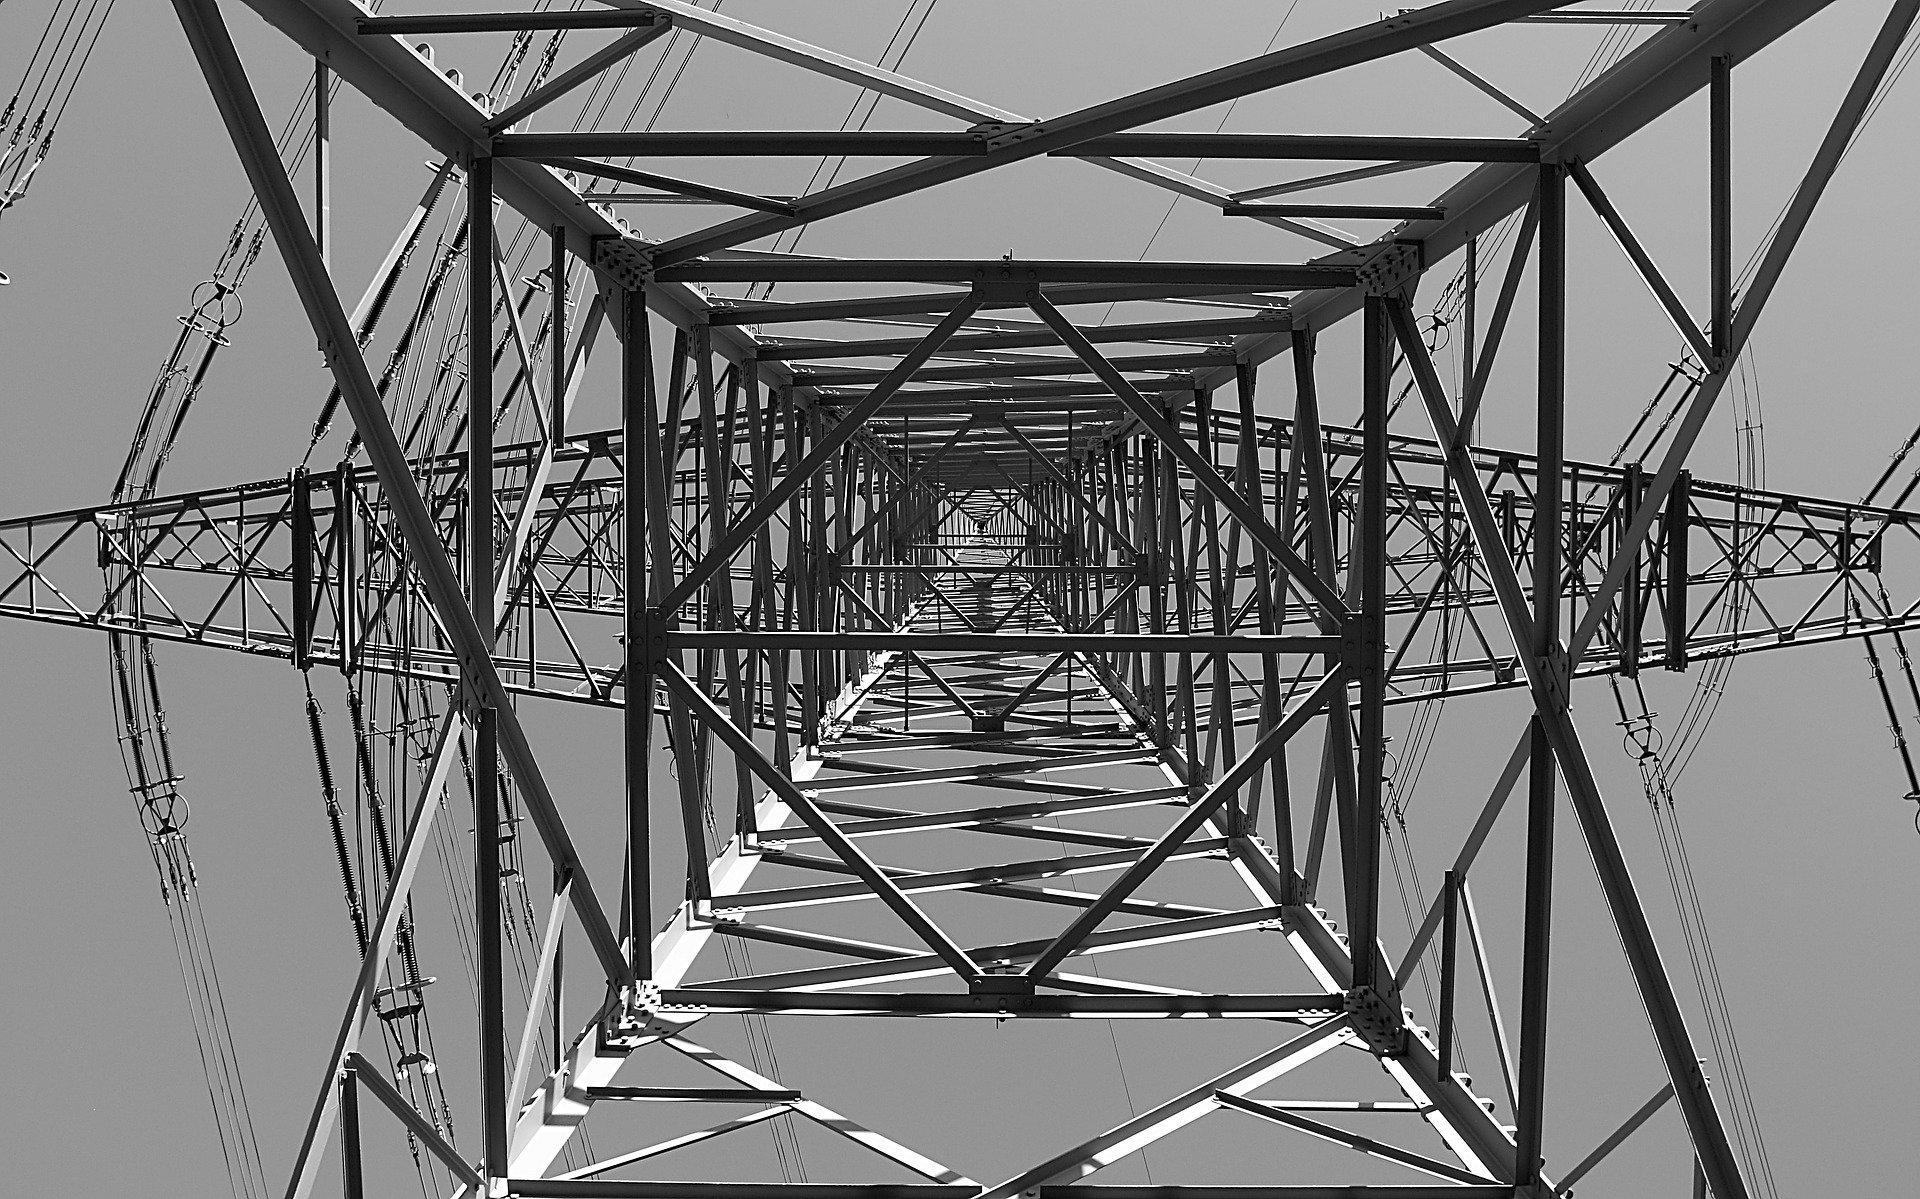 nerc-power-tower-grey